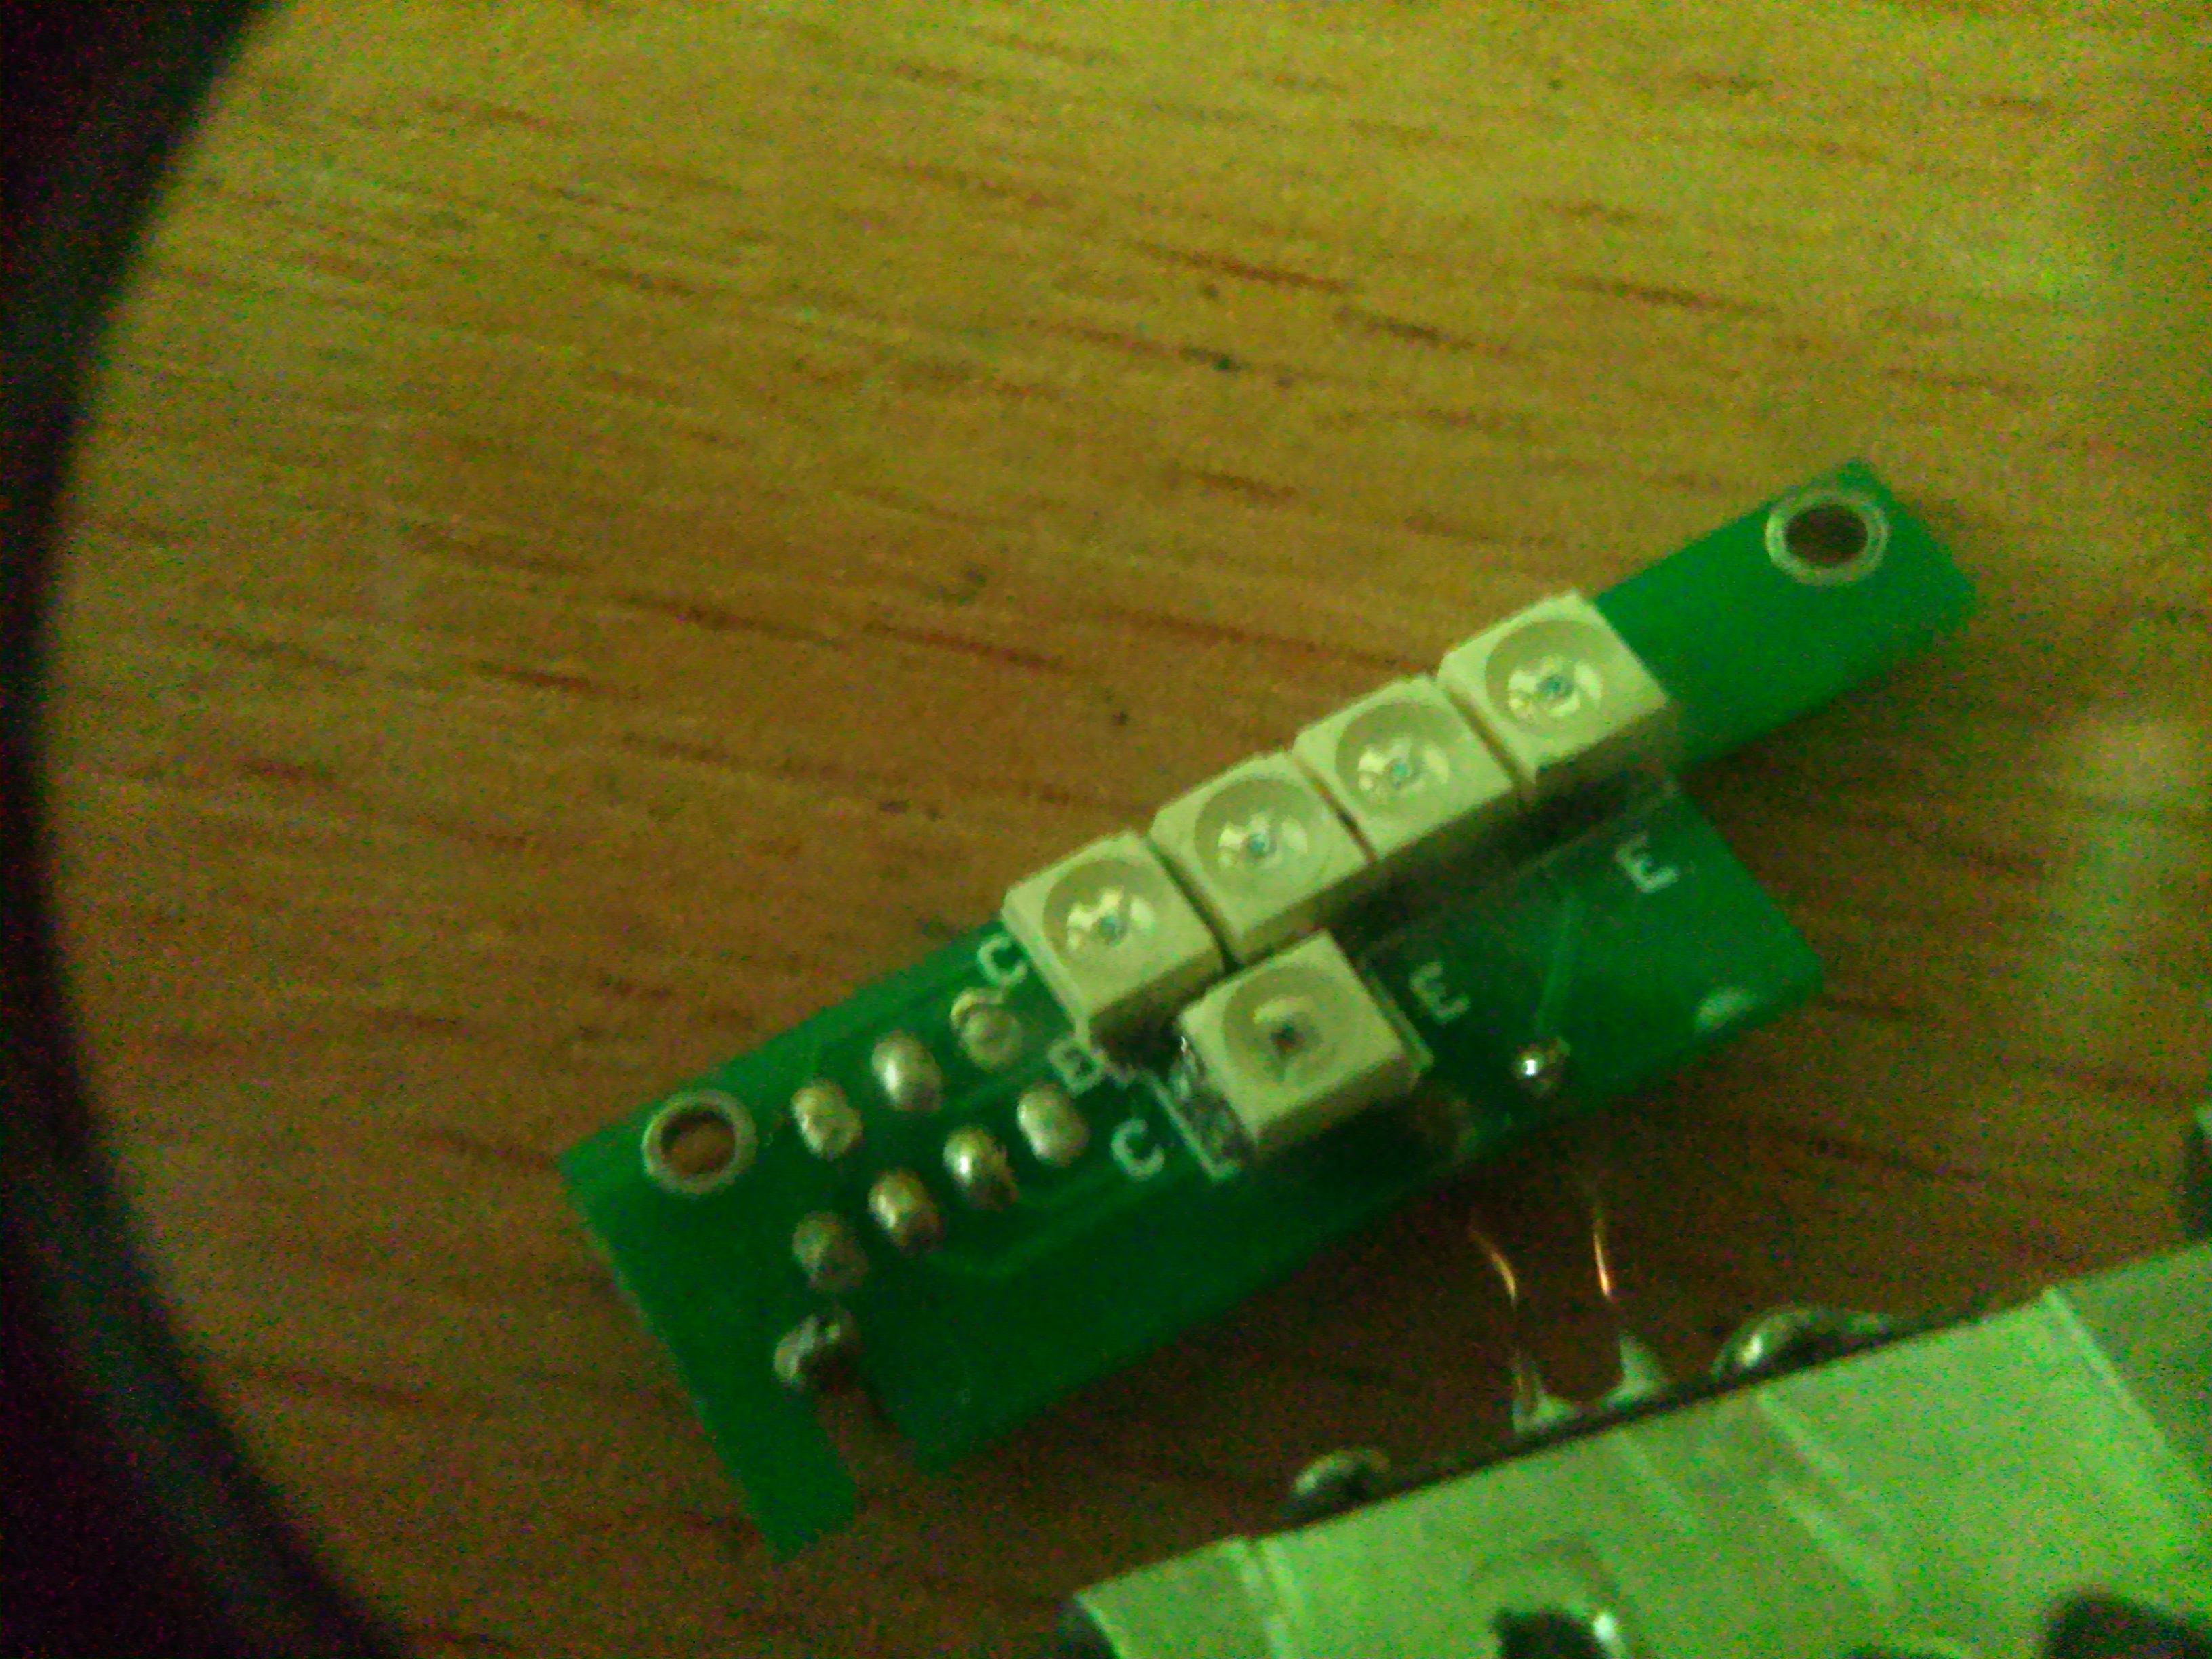 Prosz� o identyfikacj� fototranzystora/diody Smd